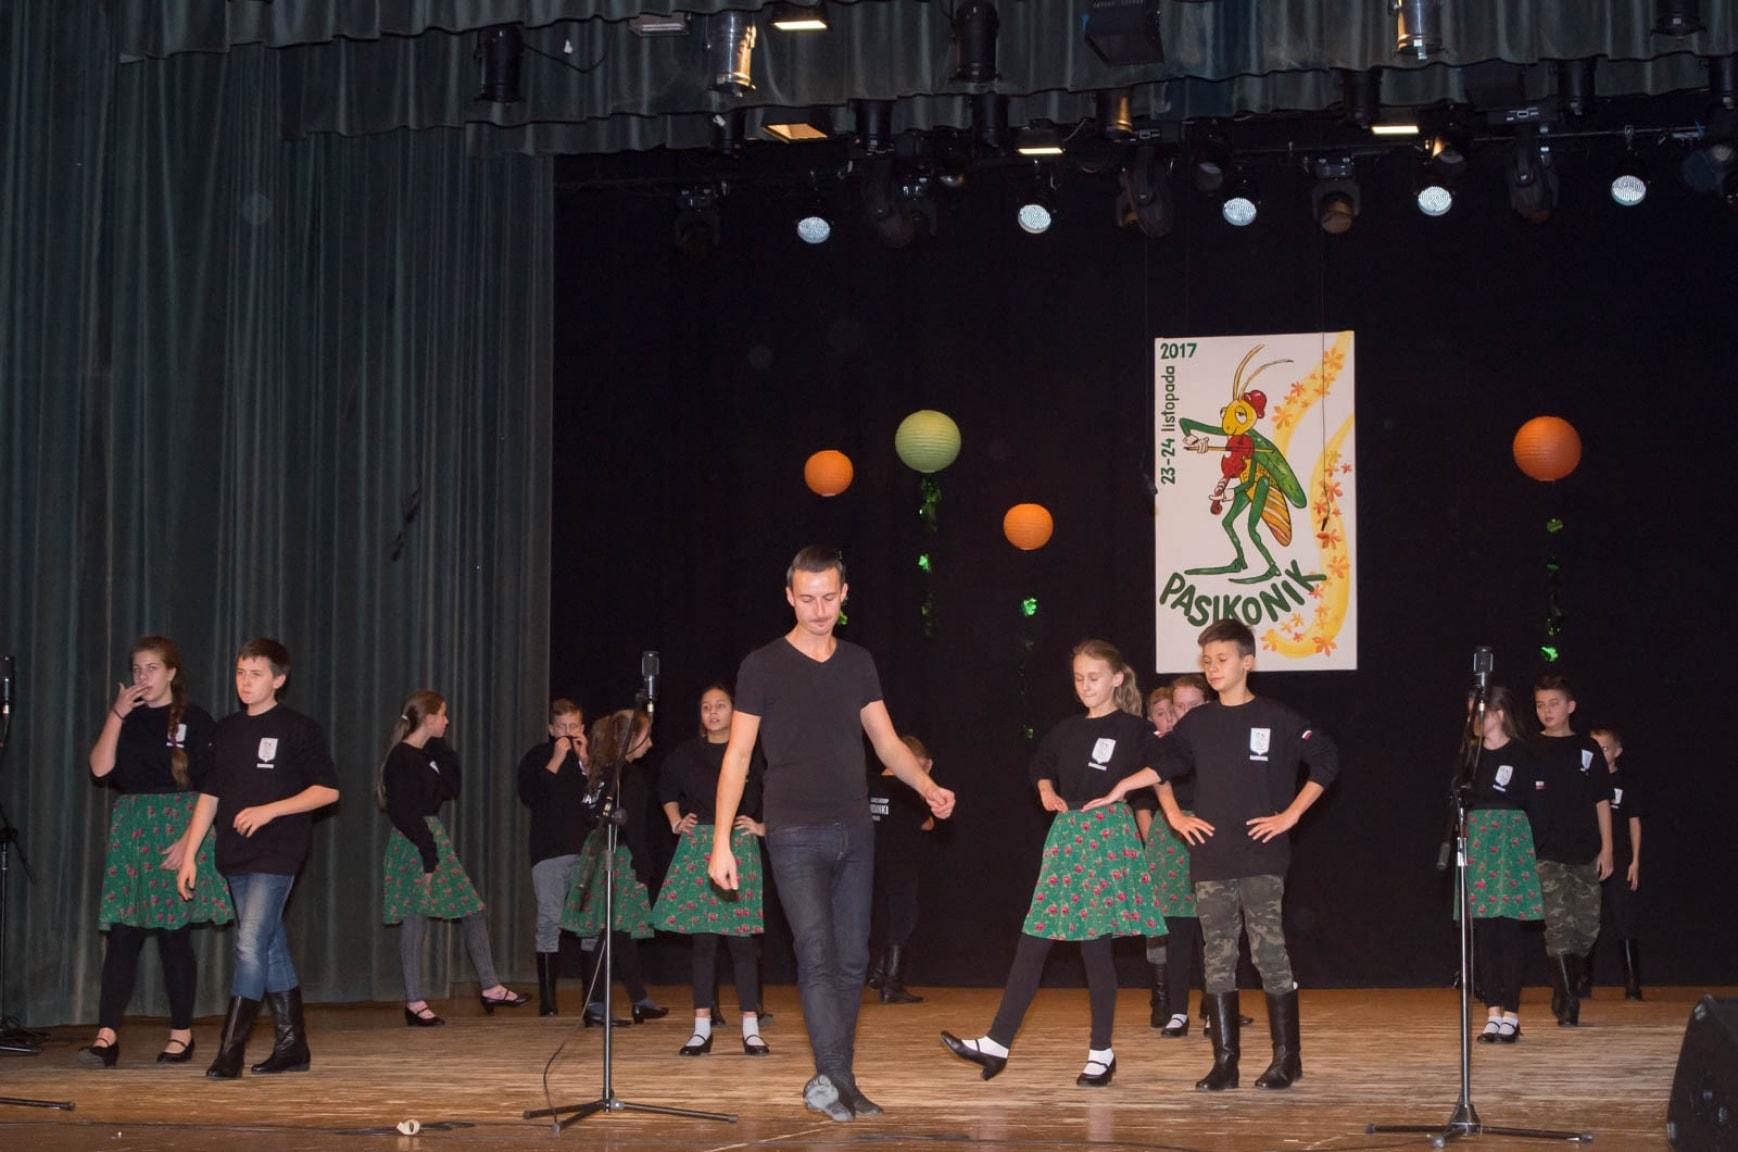 Pasikonik-2017-poza-scena-009